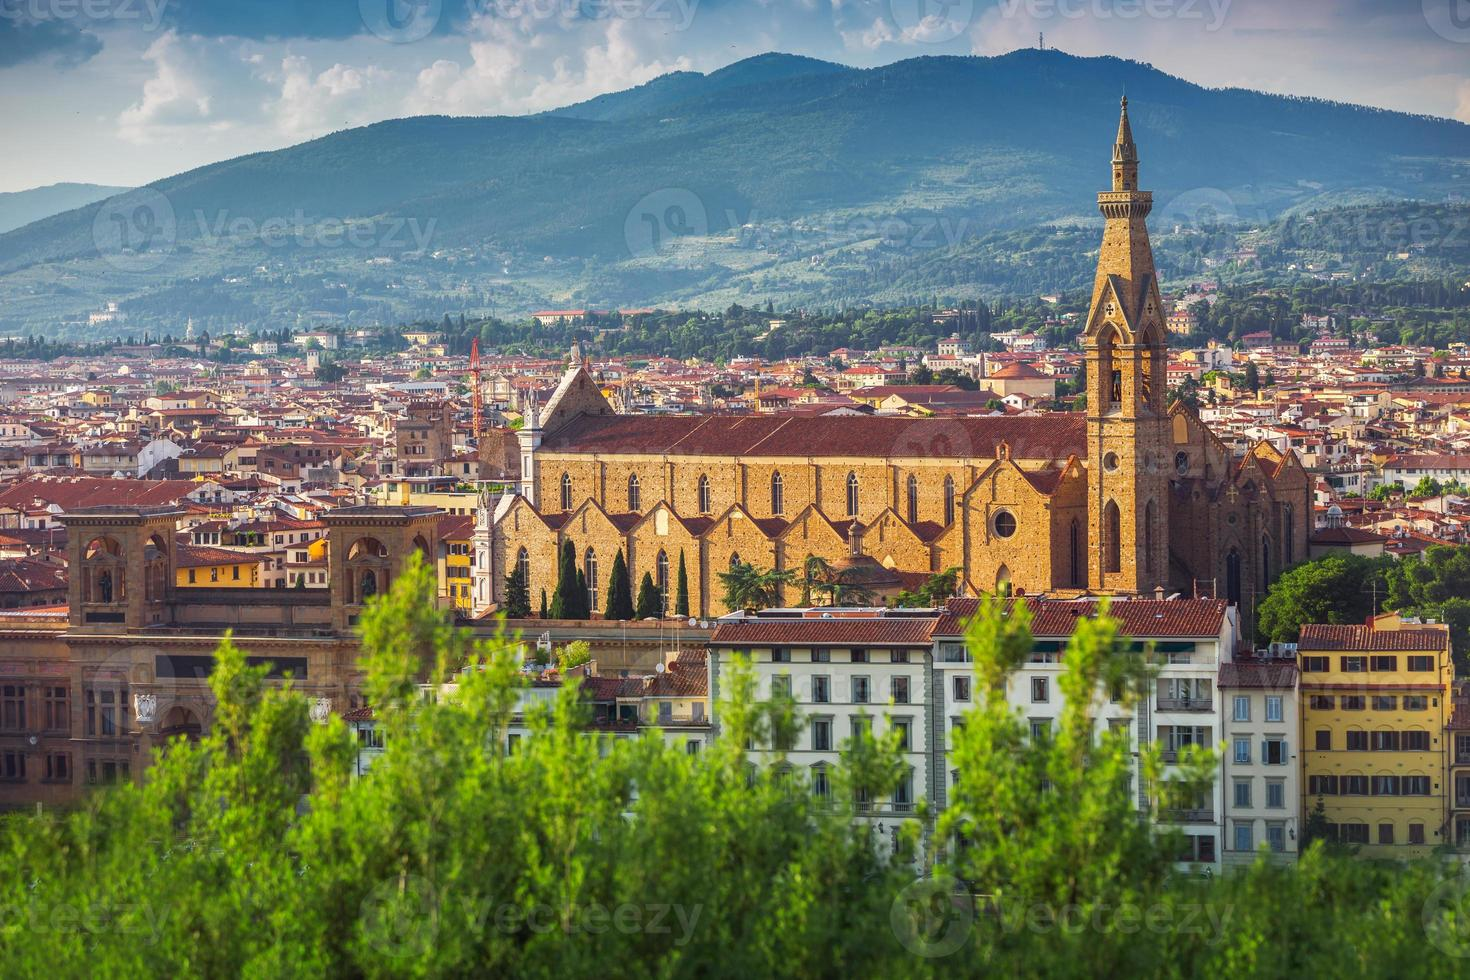 panorama du vieux florence et de l'église saint mary photo